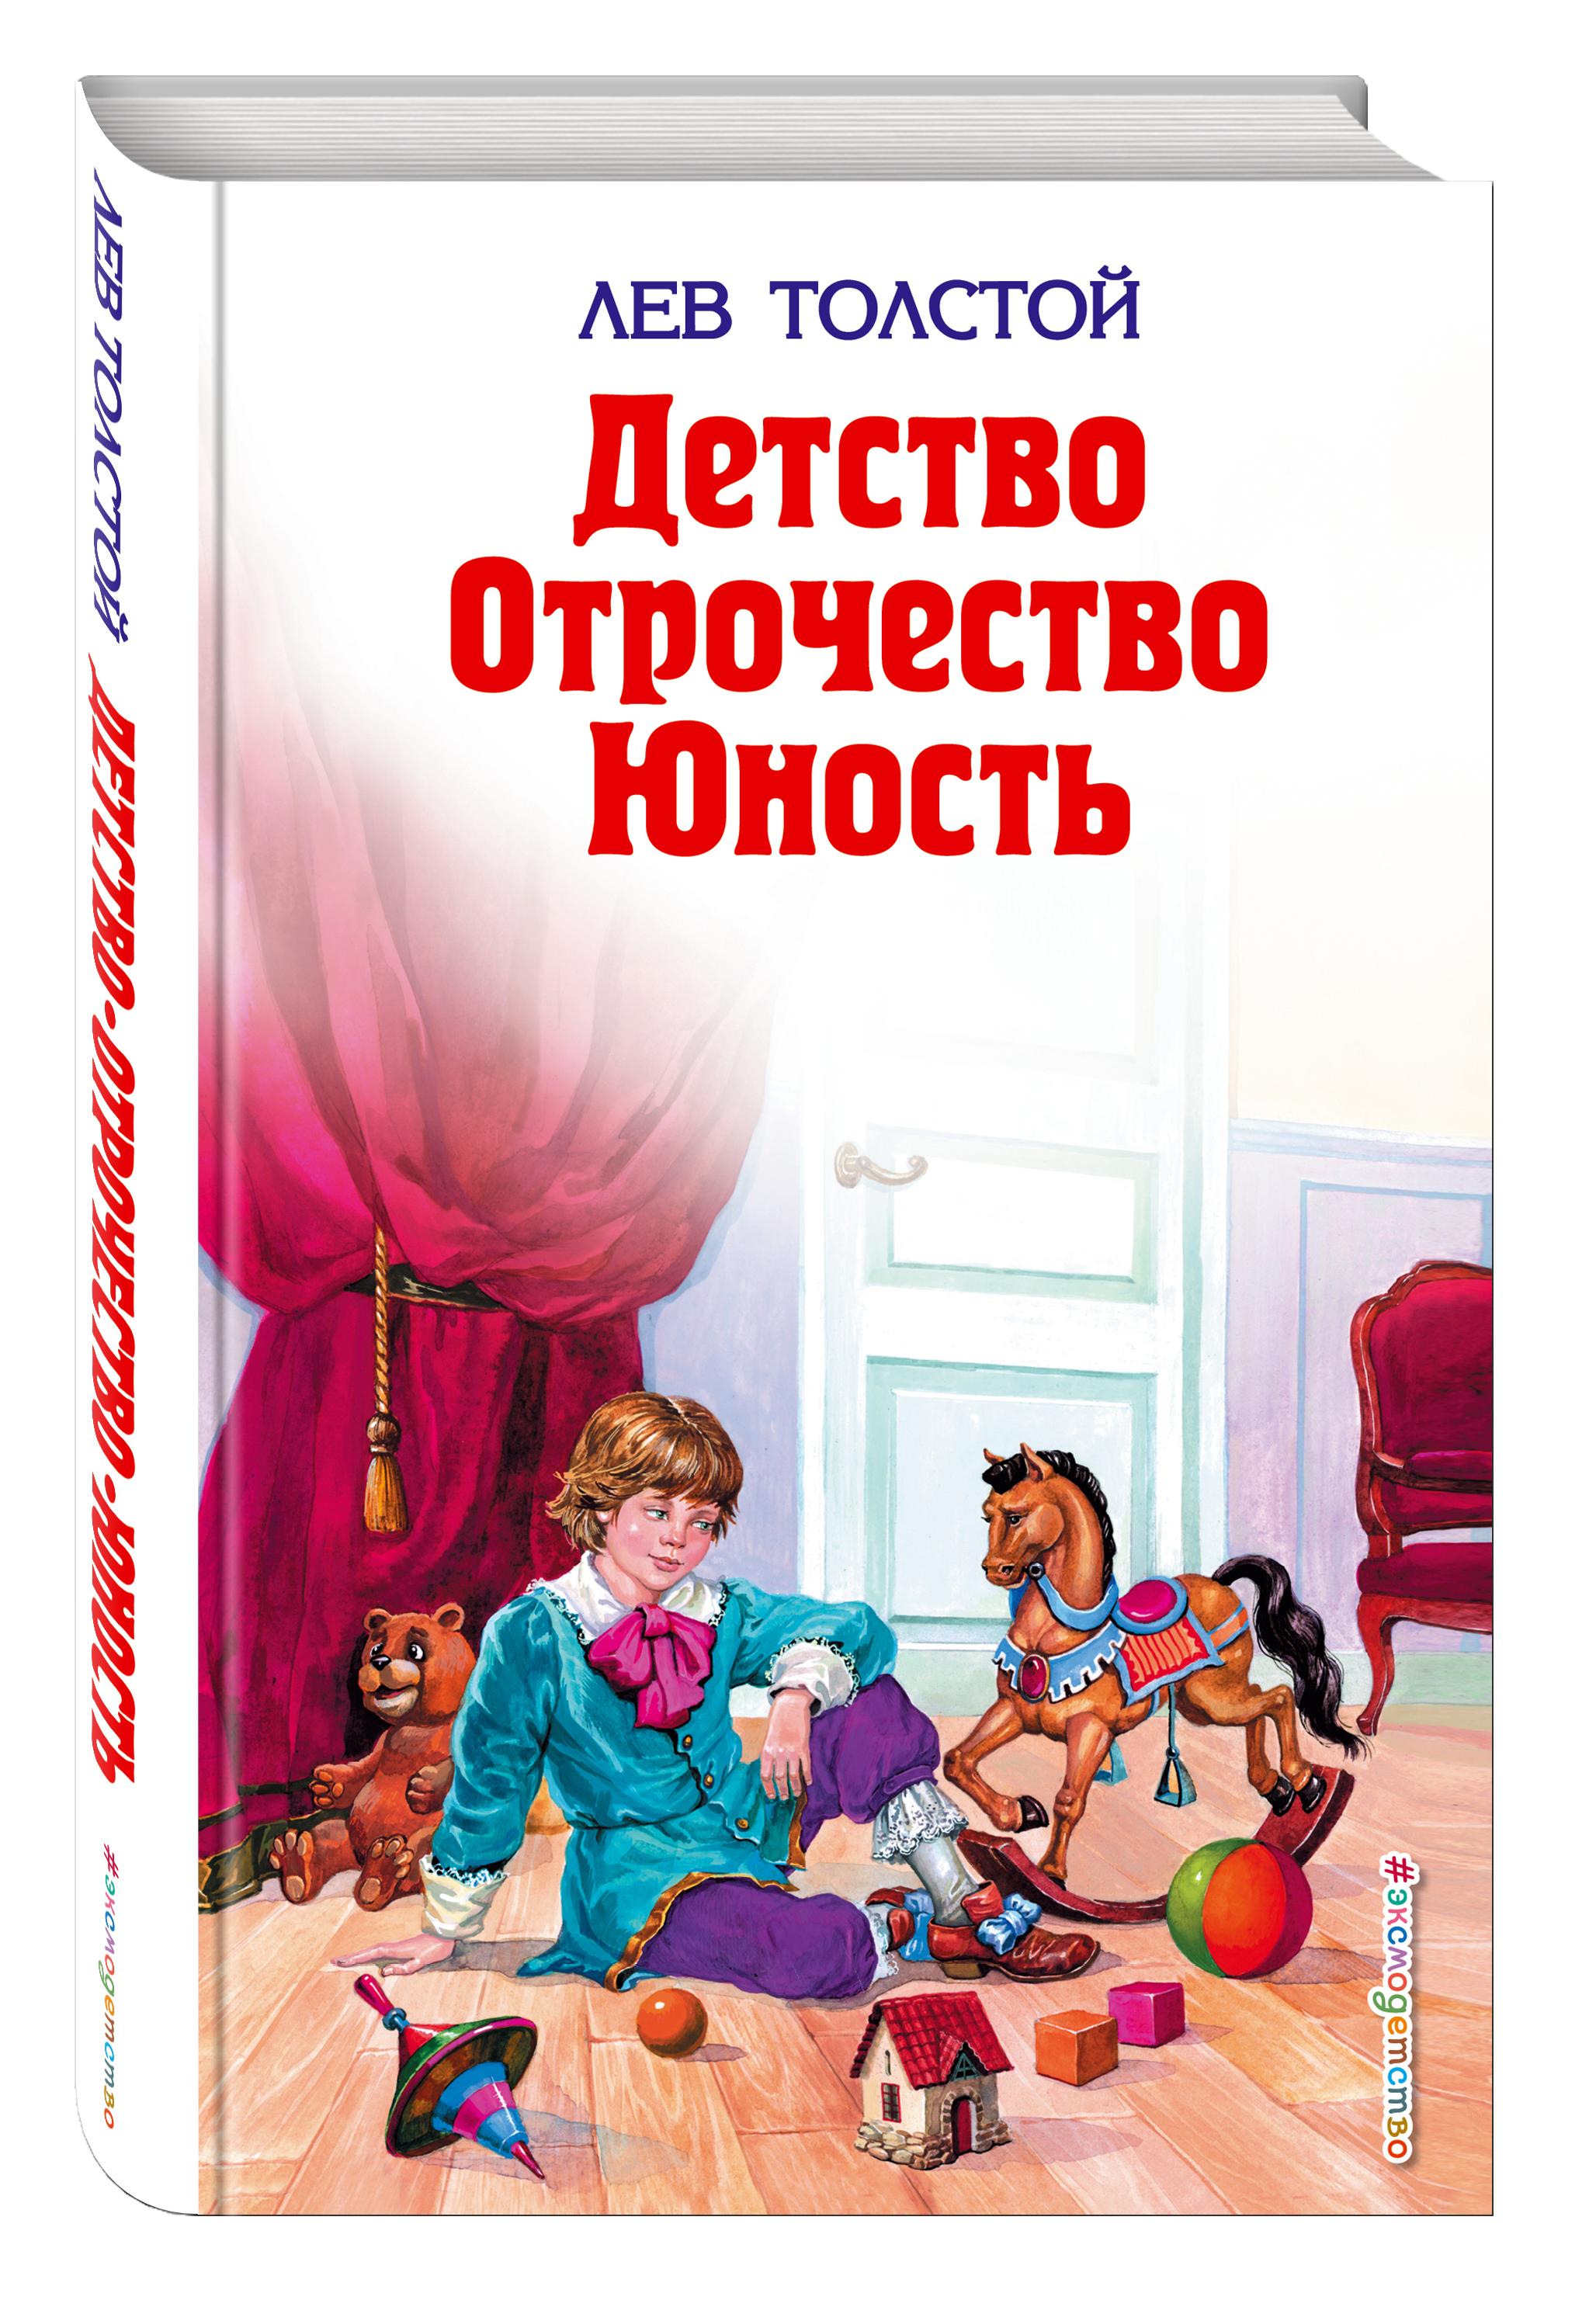 Толстой Л.Н. Детство. Отрочество. Юность ISBN: 978-5-699-01487-3